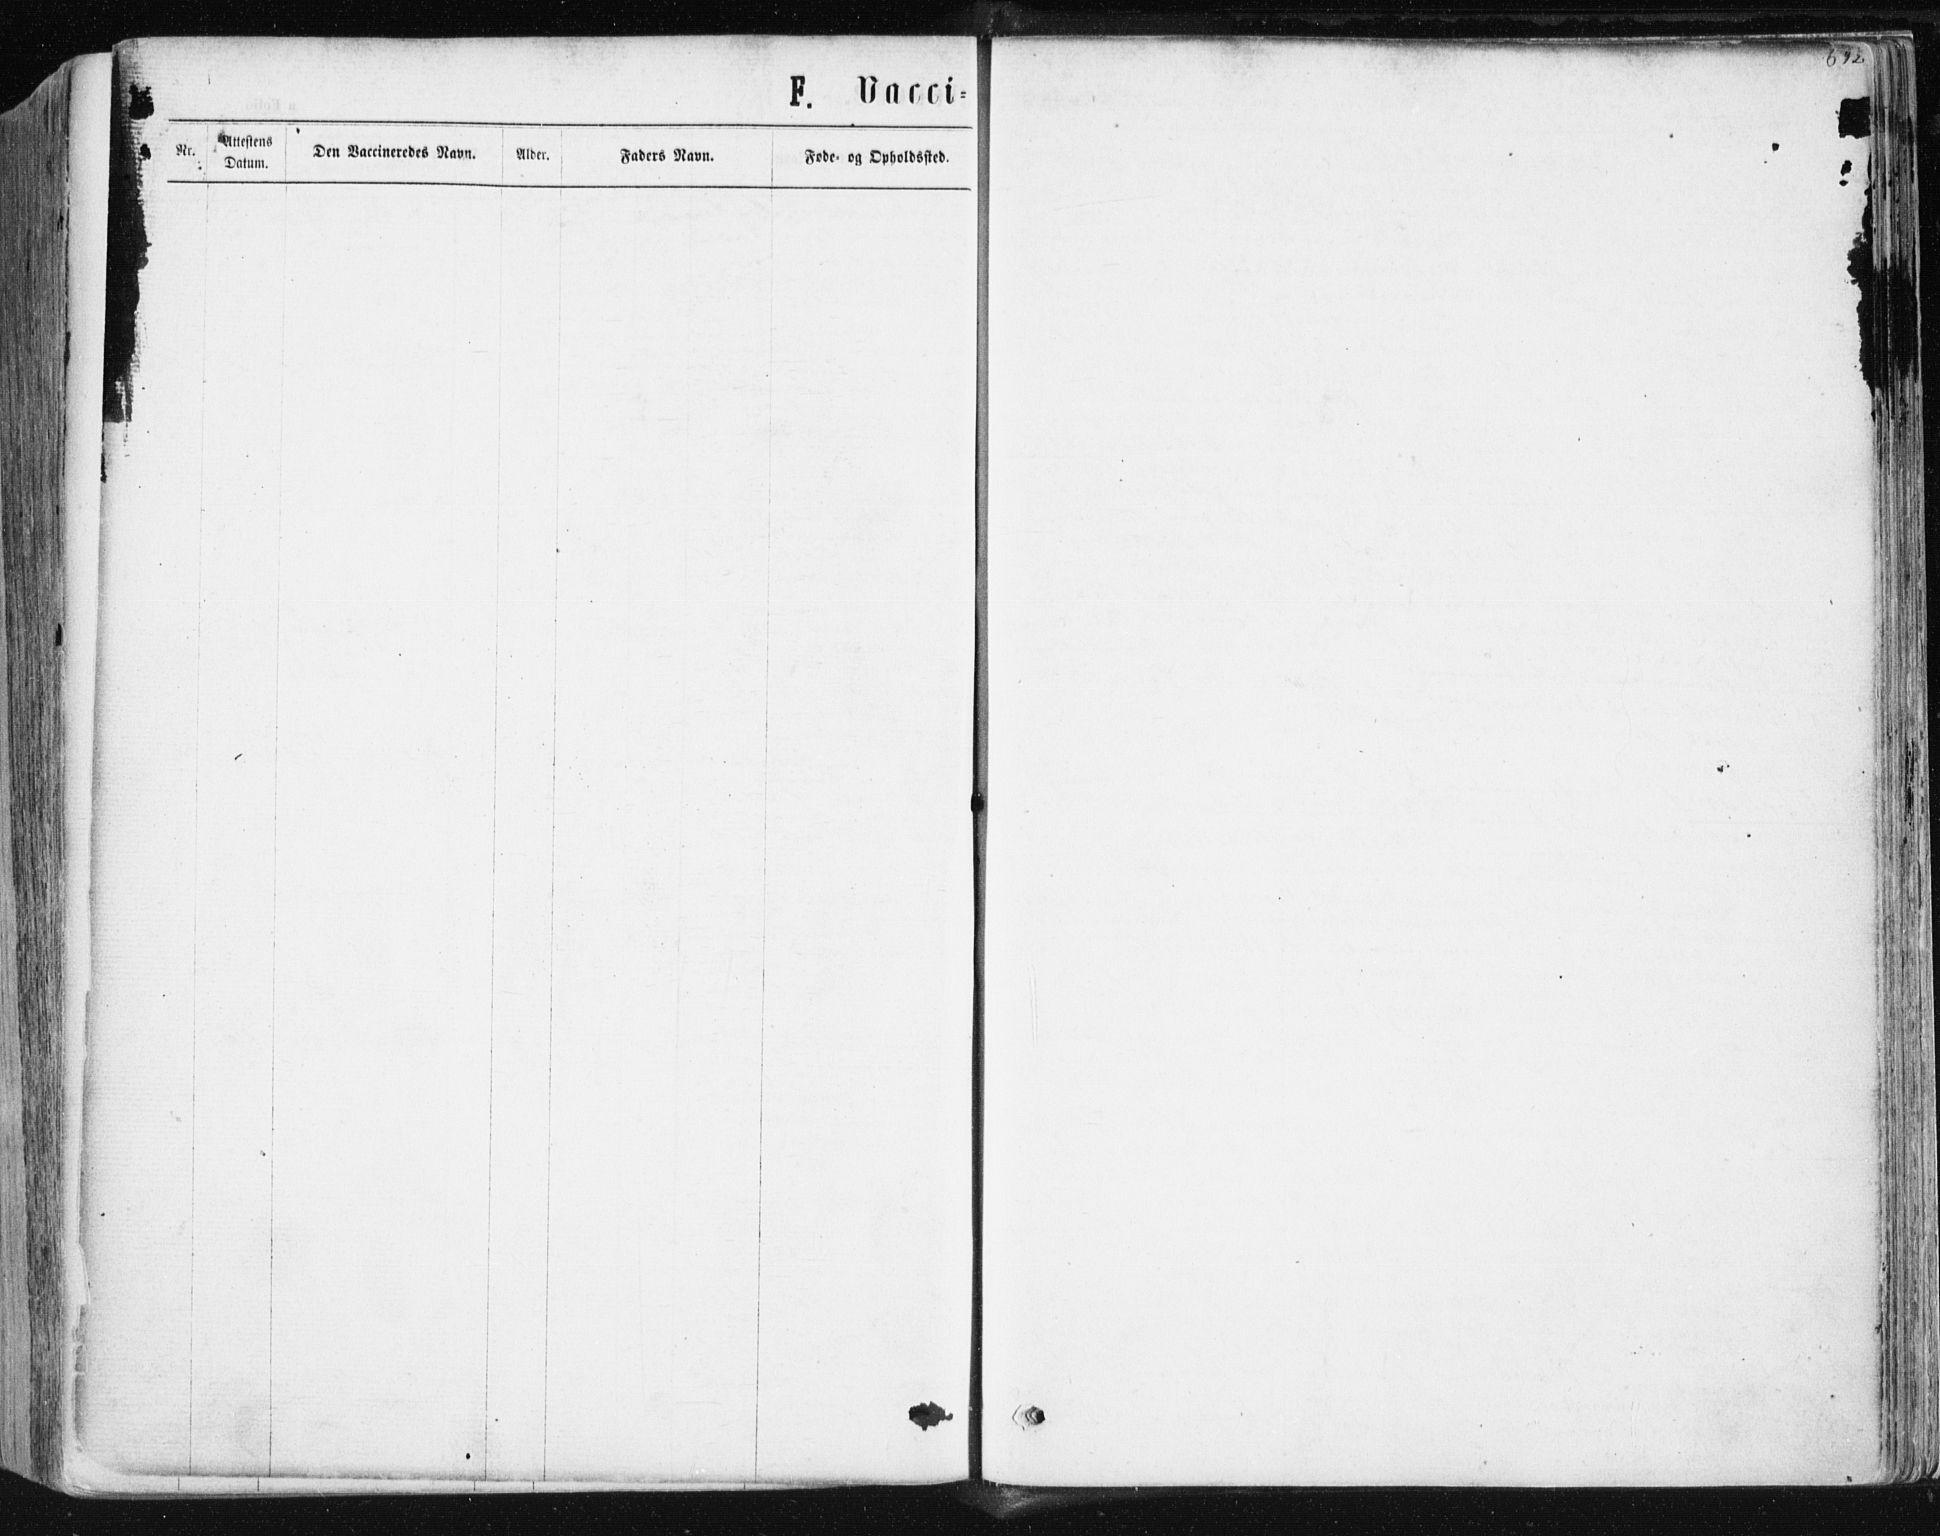 SAT, Ministerialprotokoller, klokkerbøker og fødselsregistre - Sør-Trøndelag, 604/L0186: Ministerialbok nr. 604A07, 1866-1877, s. 692